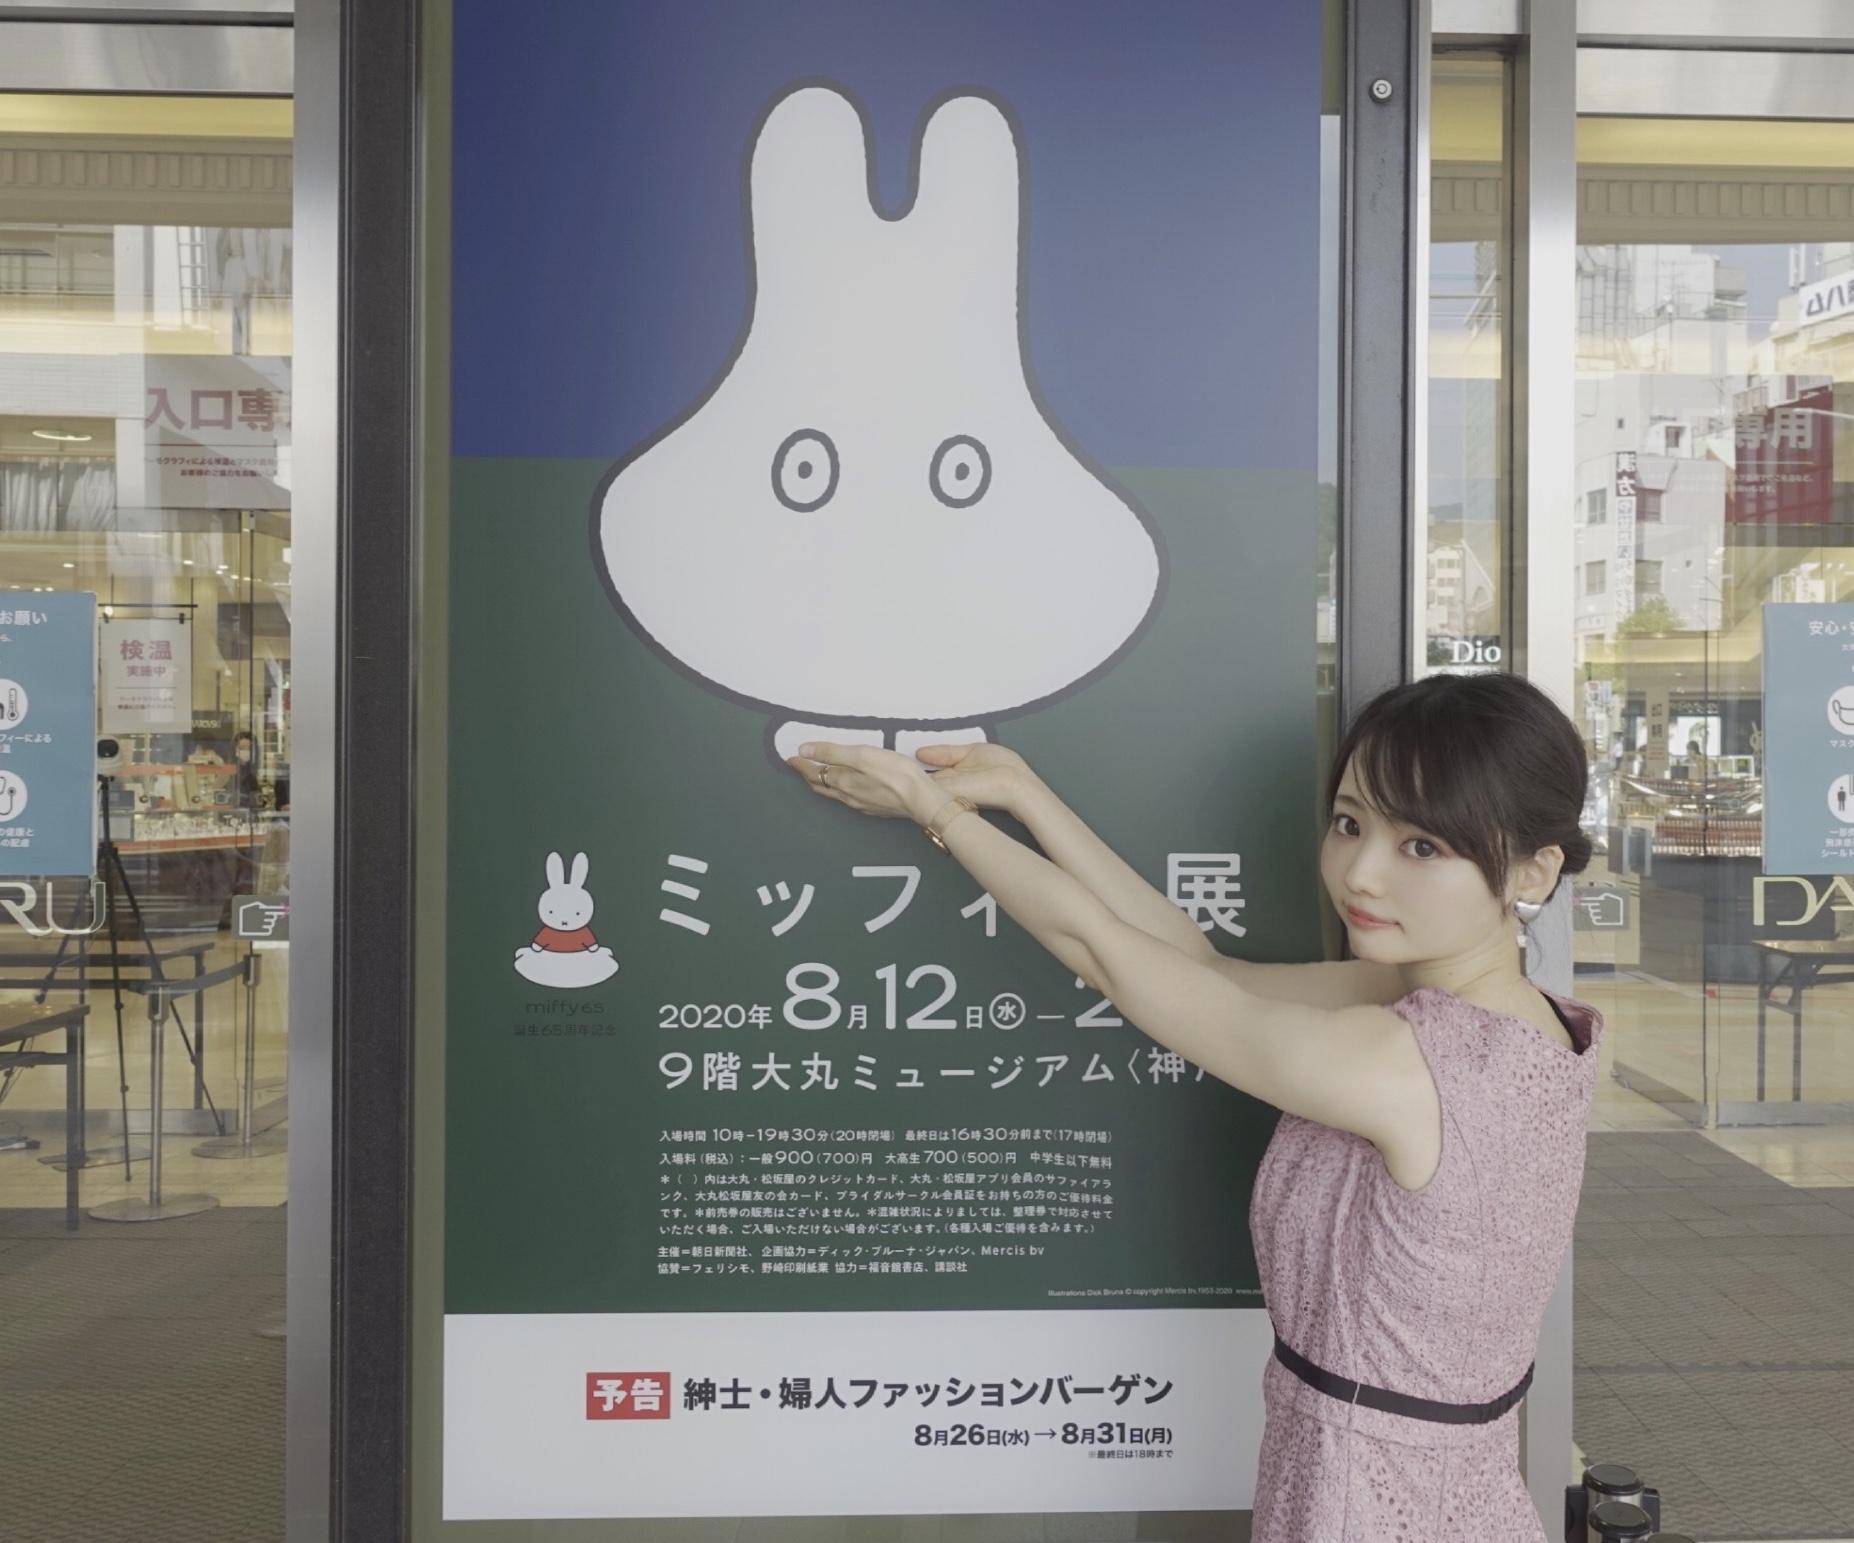 【神戸】ミッフィー展65周年終了まであと数日!!!!_1